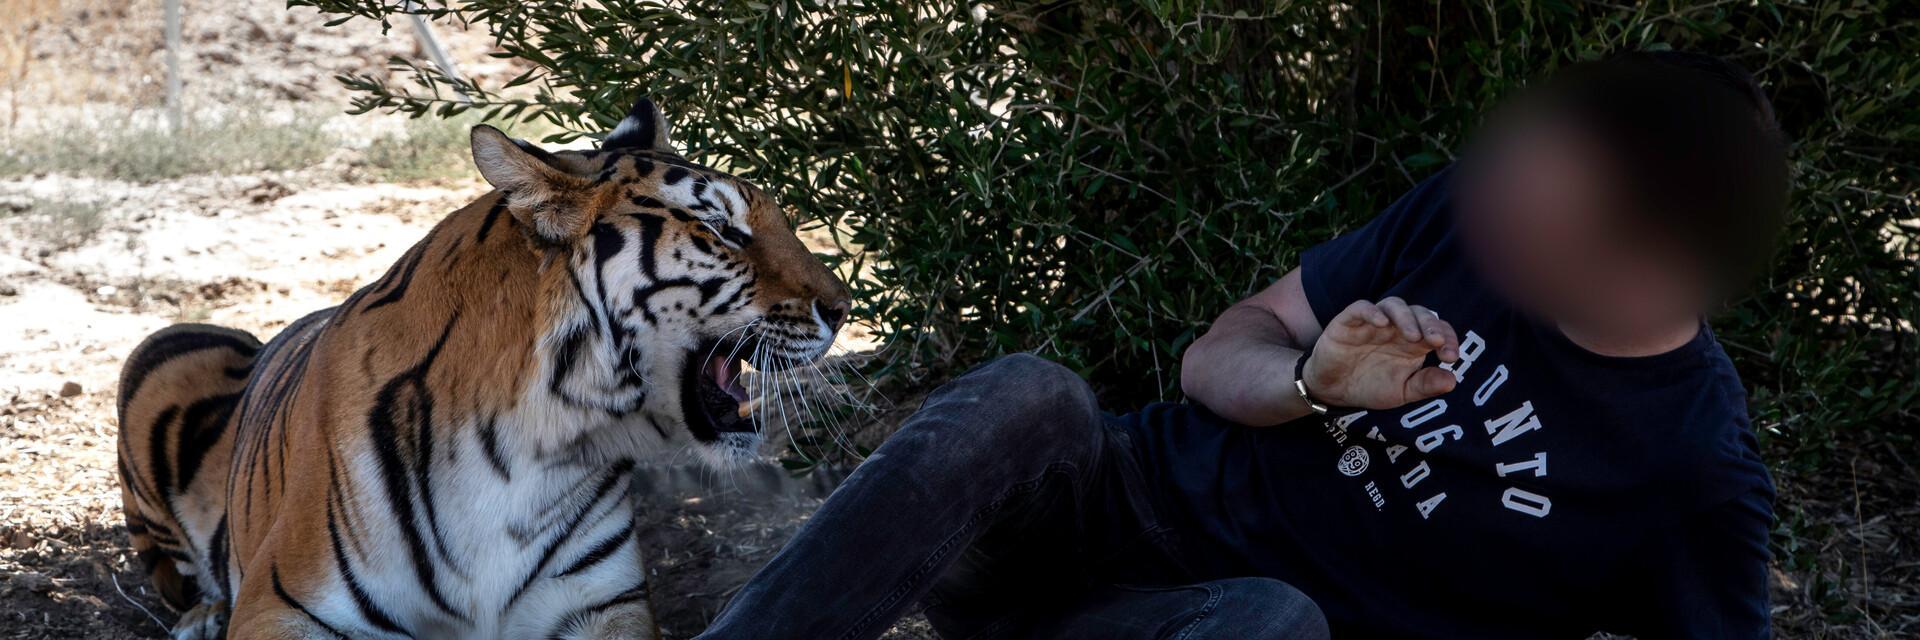 Tiger mit Tourist